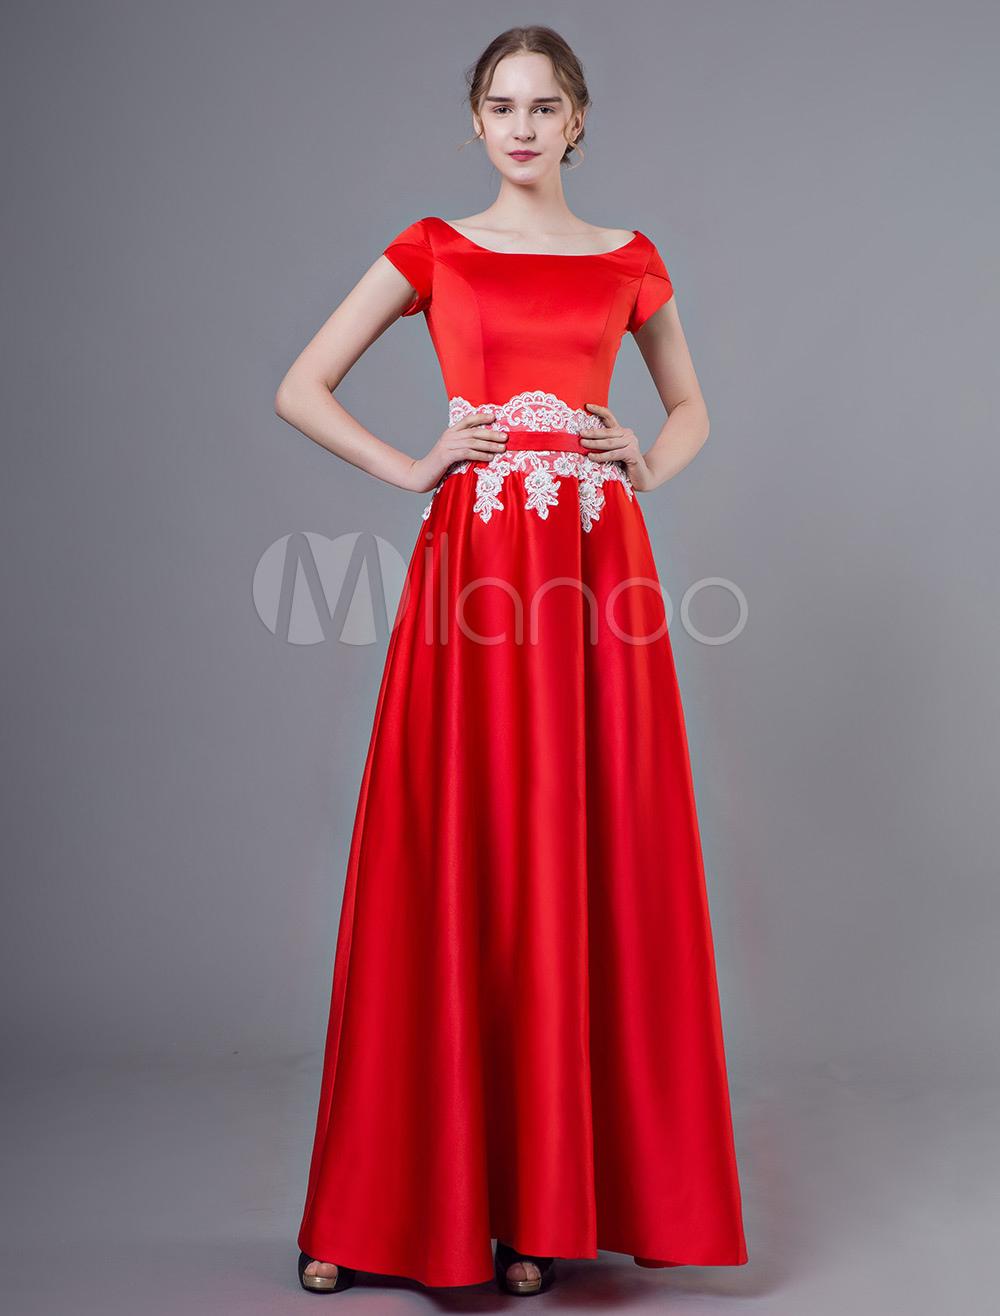 Abendkleider mit Rundkragen Hochzeit A-Linie- Günstige Abendkleider  Satingewebe Formelle Kleider Kurzarm und Reißverschluss Rot bodenlang Bilder